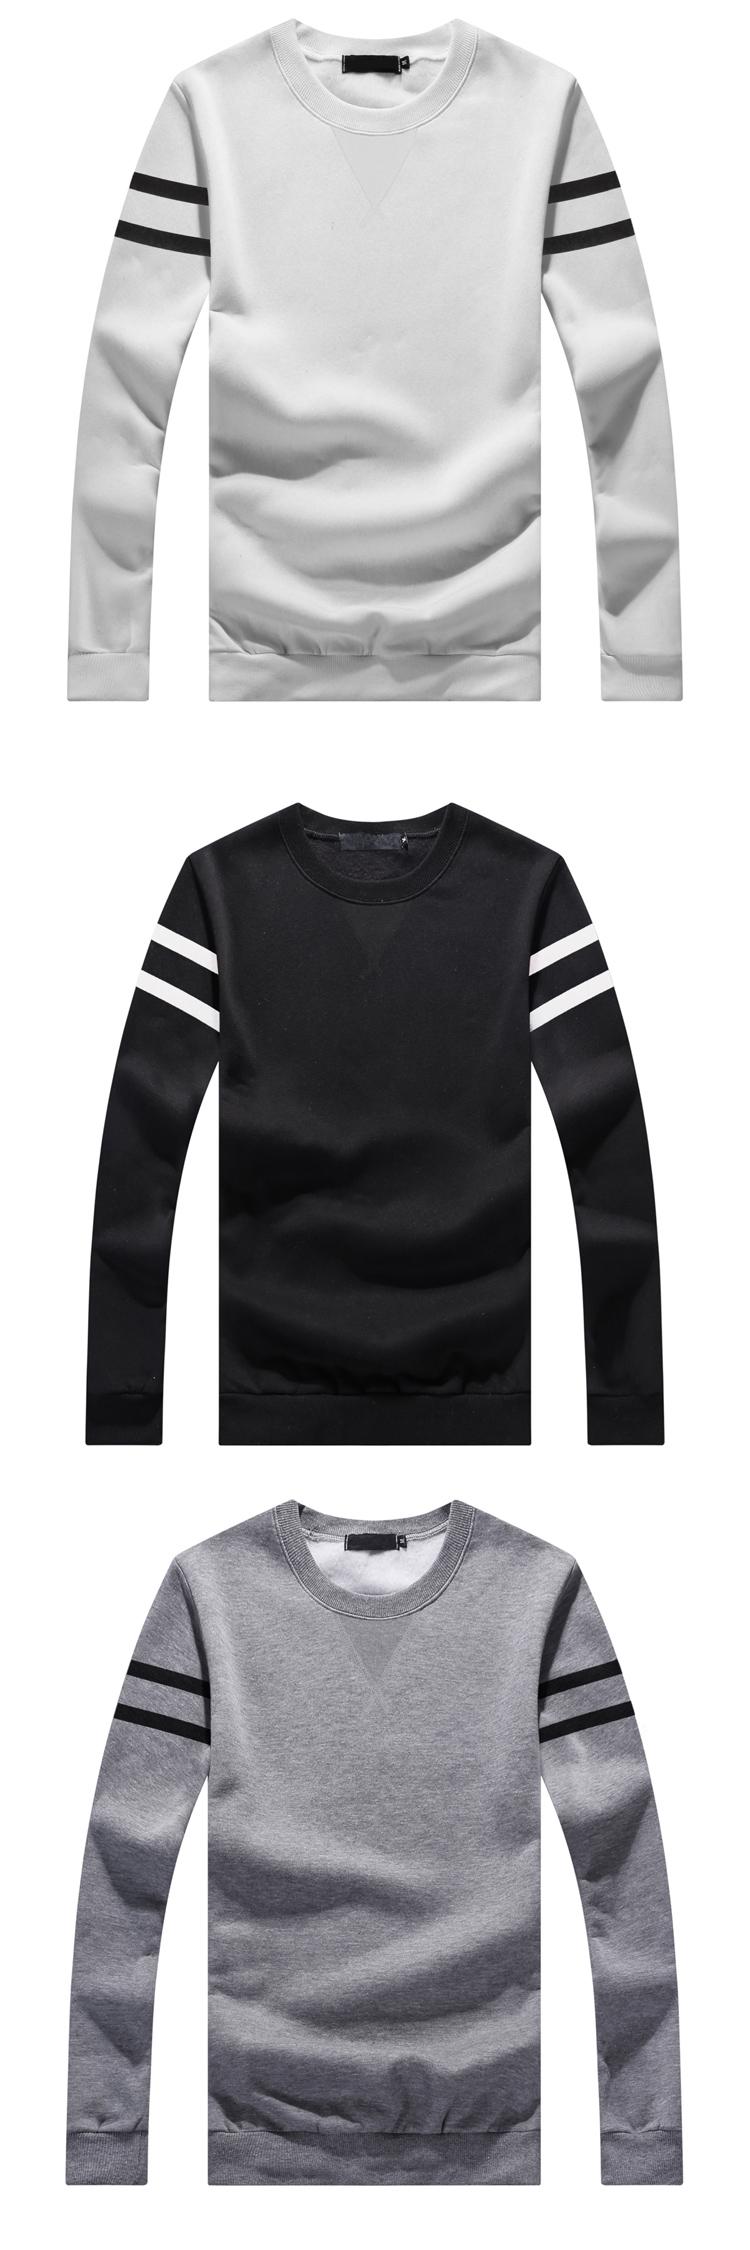 刷毛T恤.帽T.T-Shirt 情侶T恤. 暖暖刷毛.MIT台灣製.袖雙線刷毛圓領刷毛T【T5874】艾咪E舖